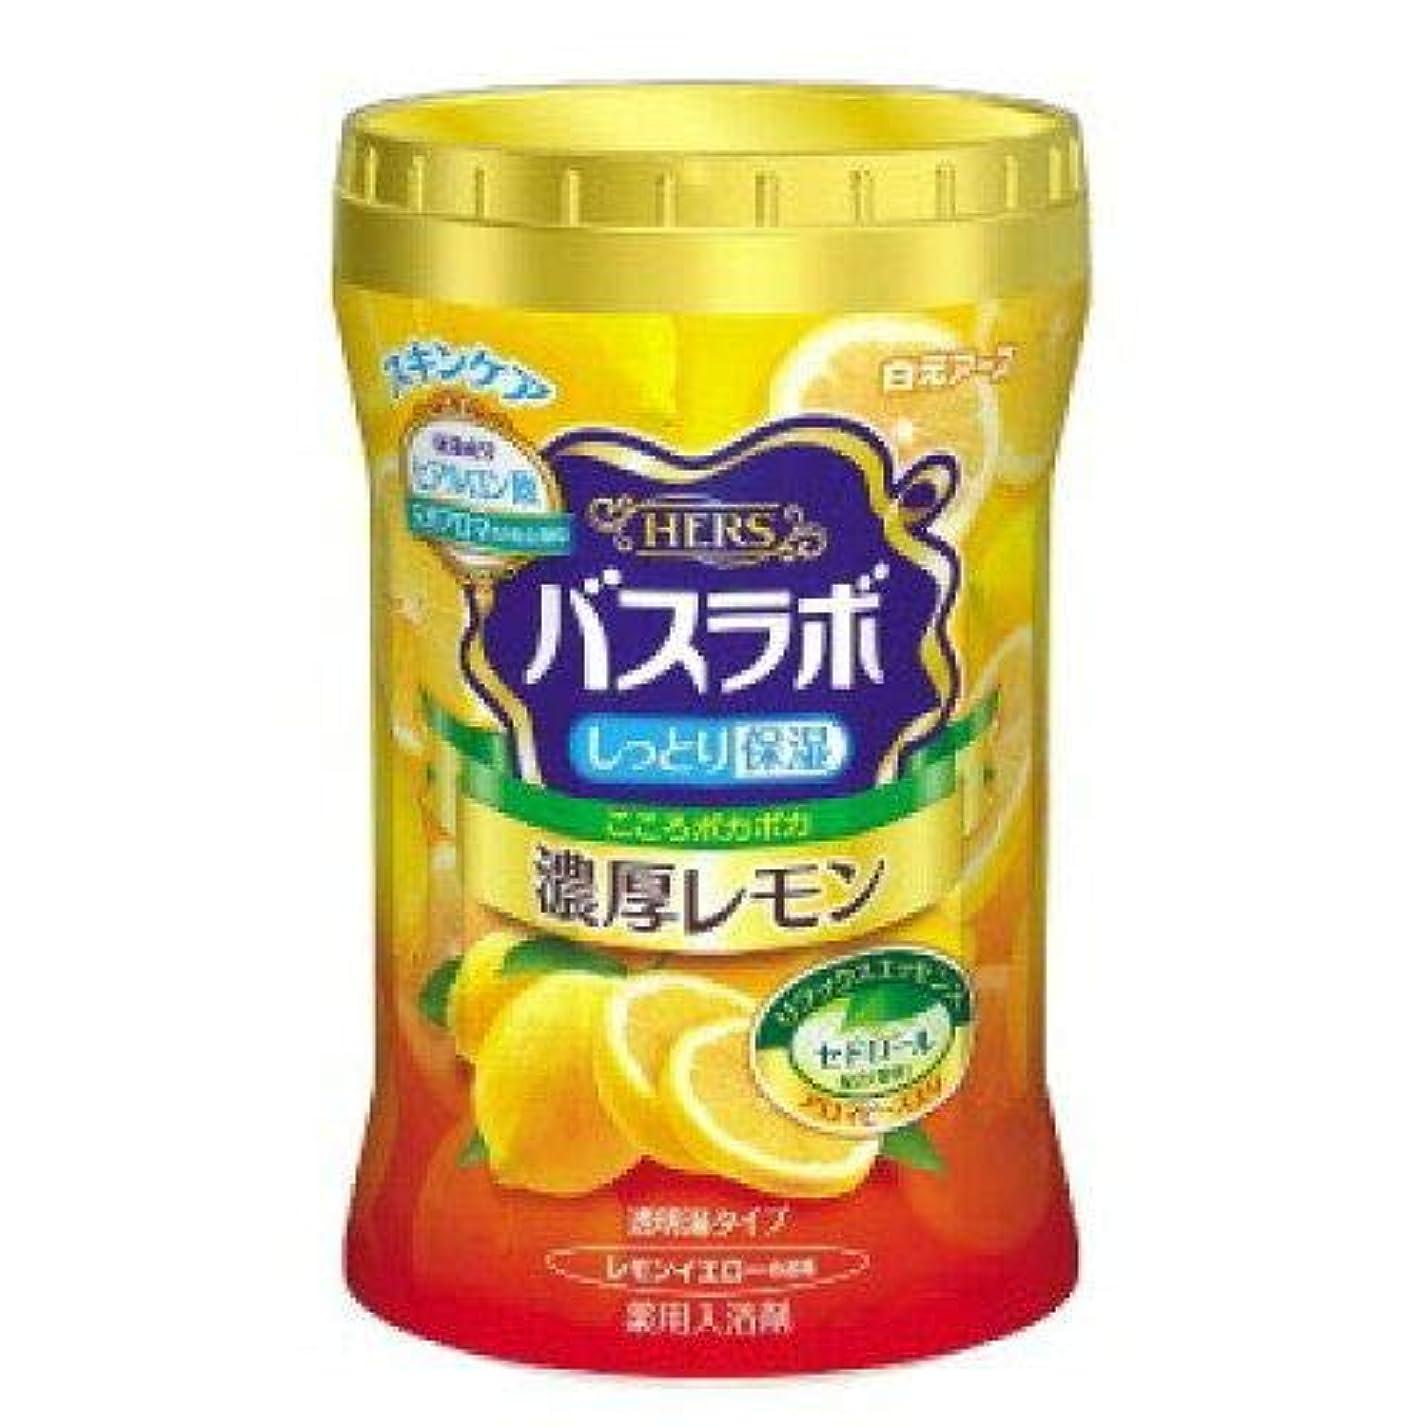 傑出した政治的下向きバスラボボトル濃厚レモン640g